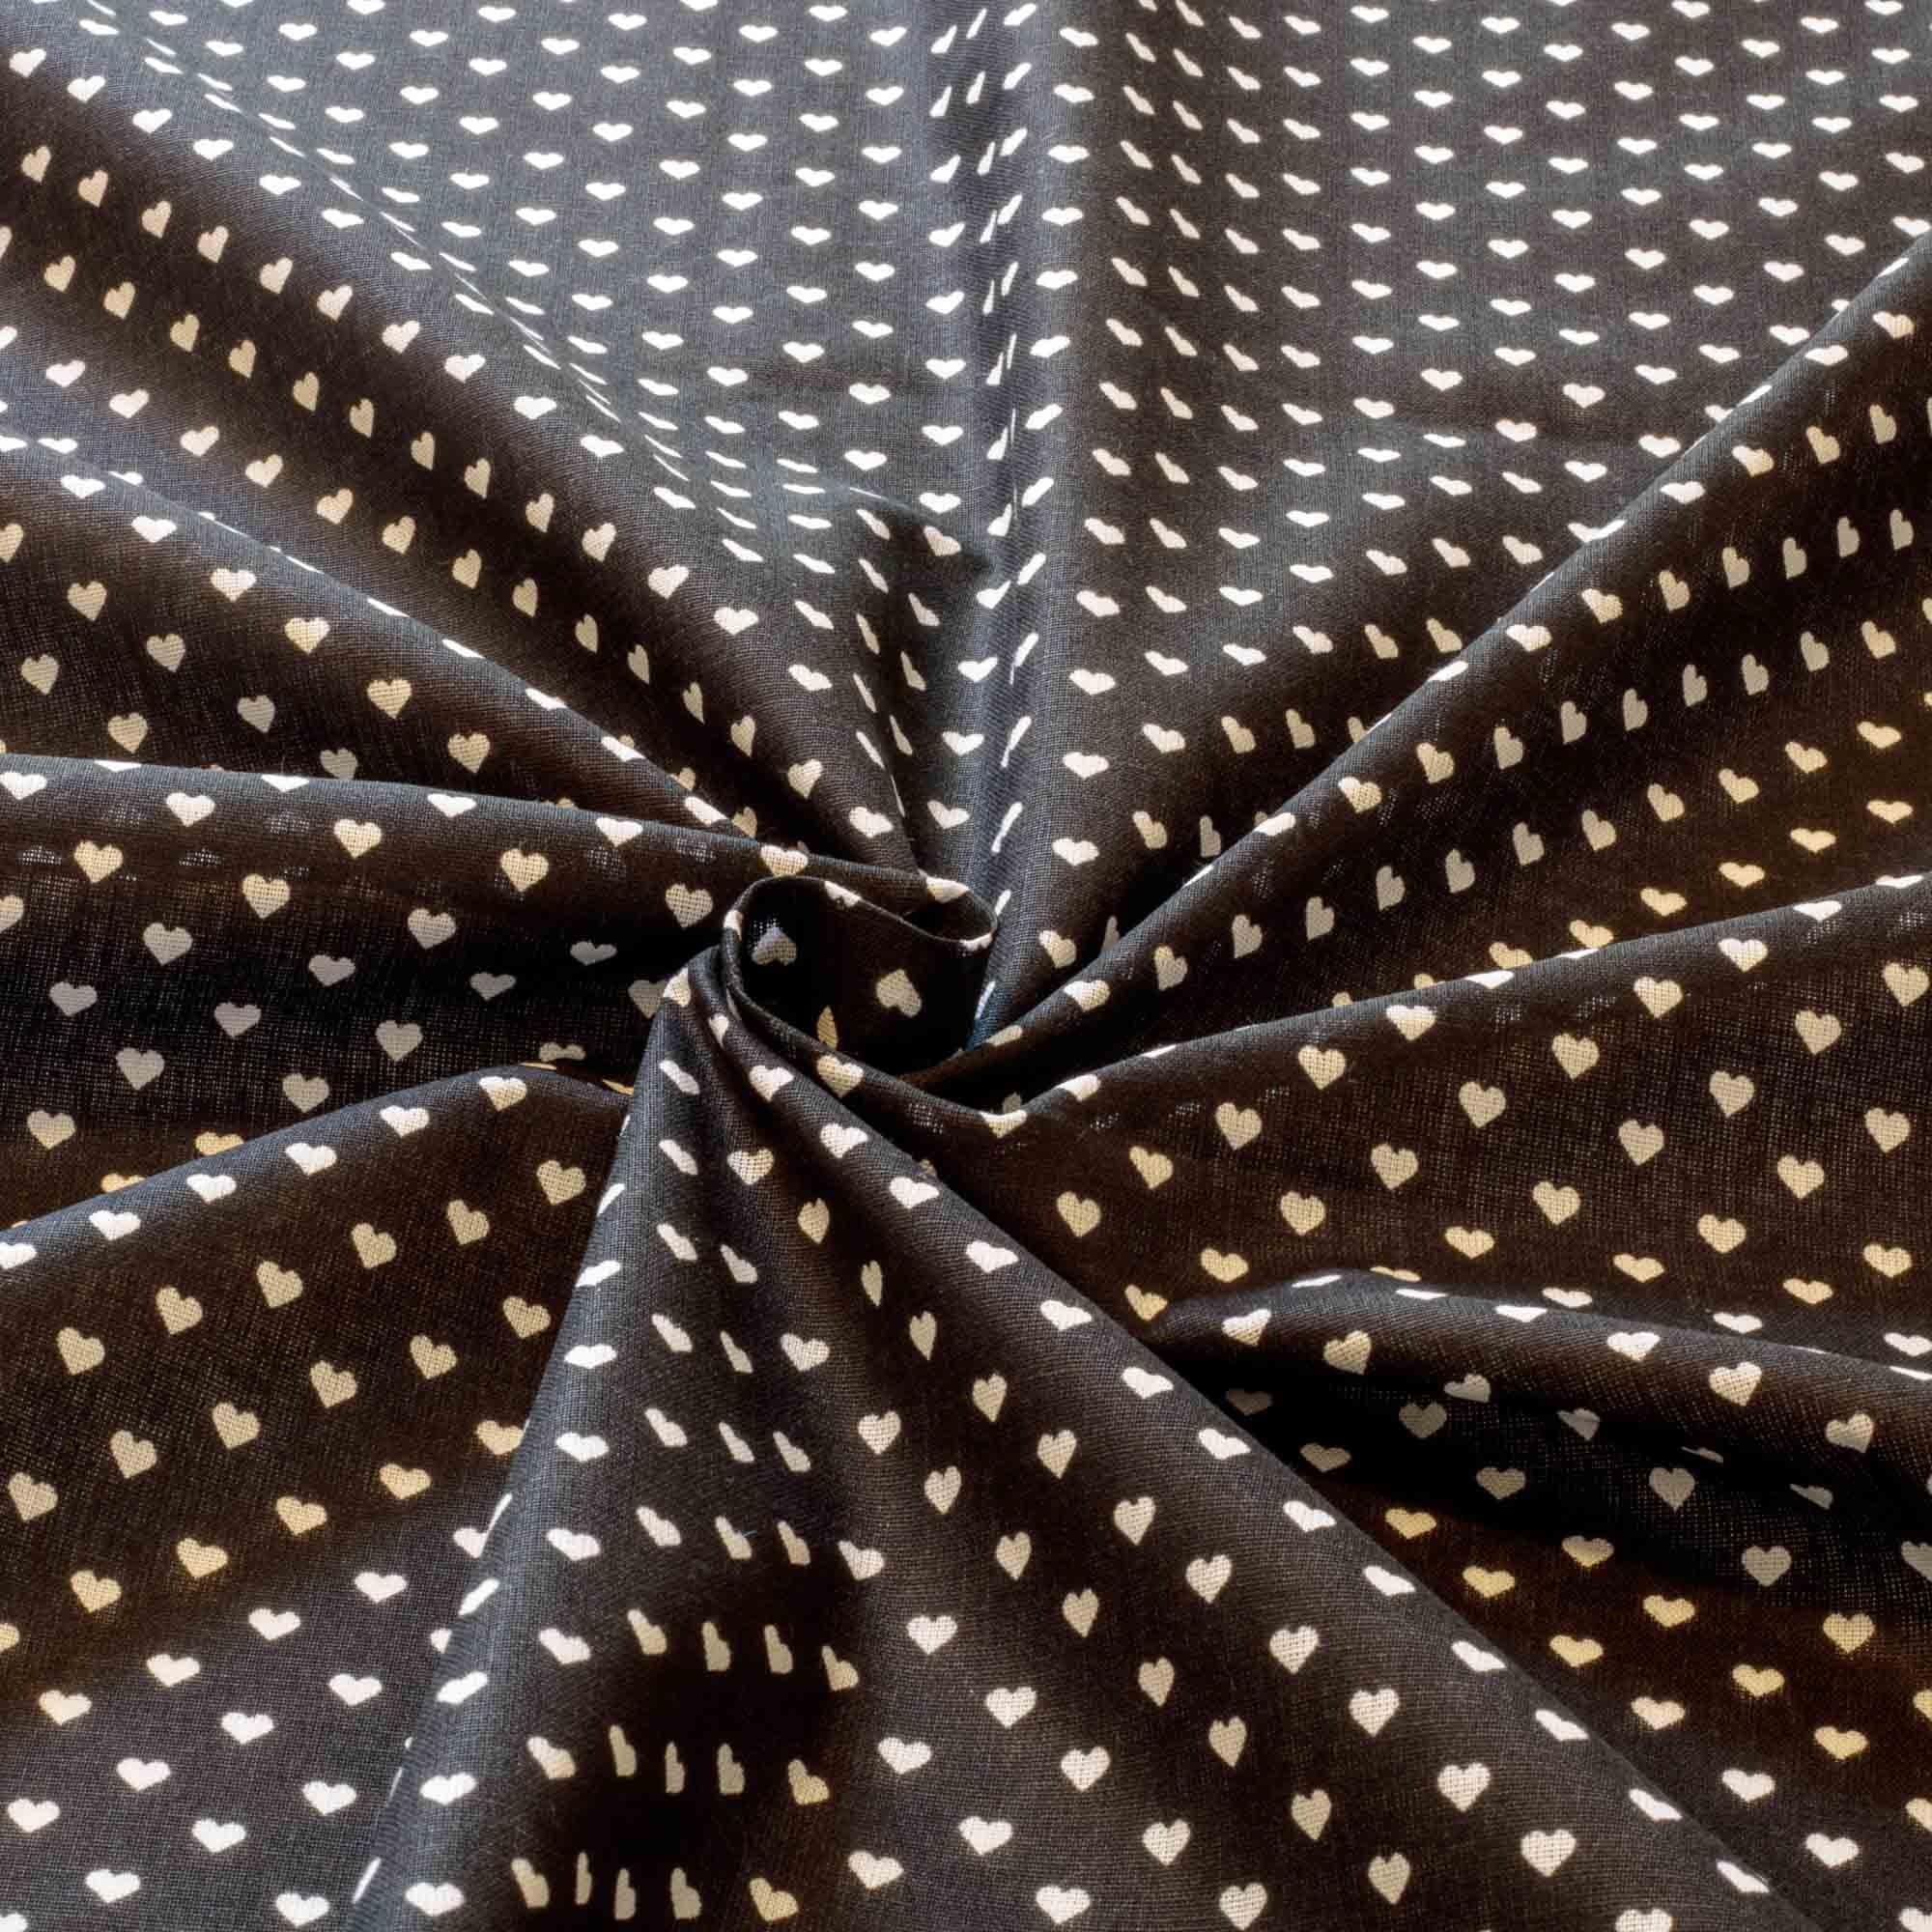 Tecido tricoline coração 50% algodão 50% poliéster preto